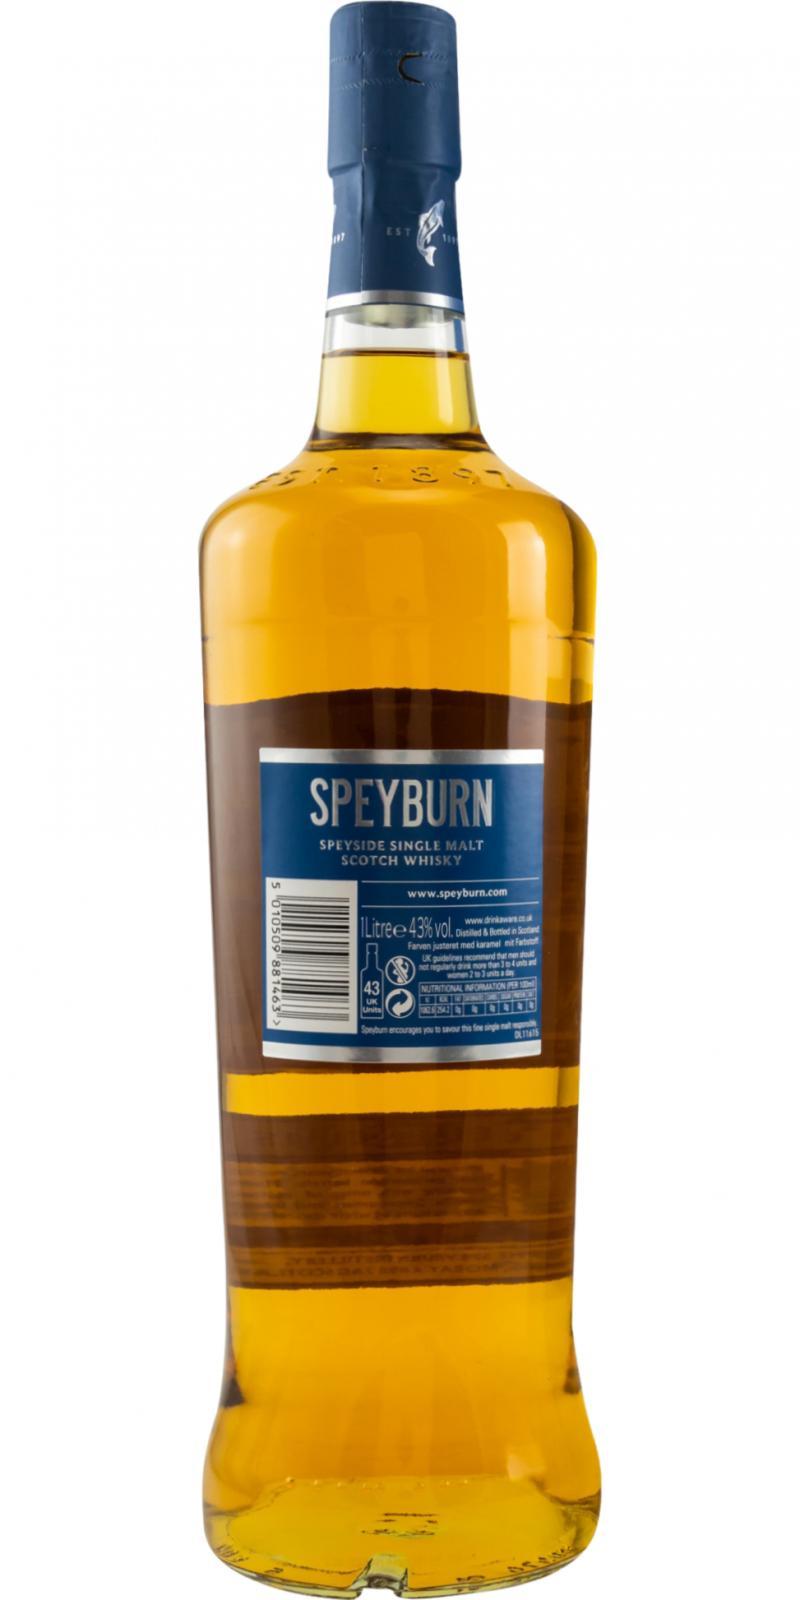 Speyburn 16-year-old